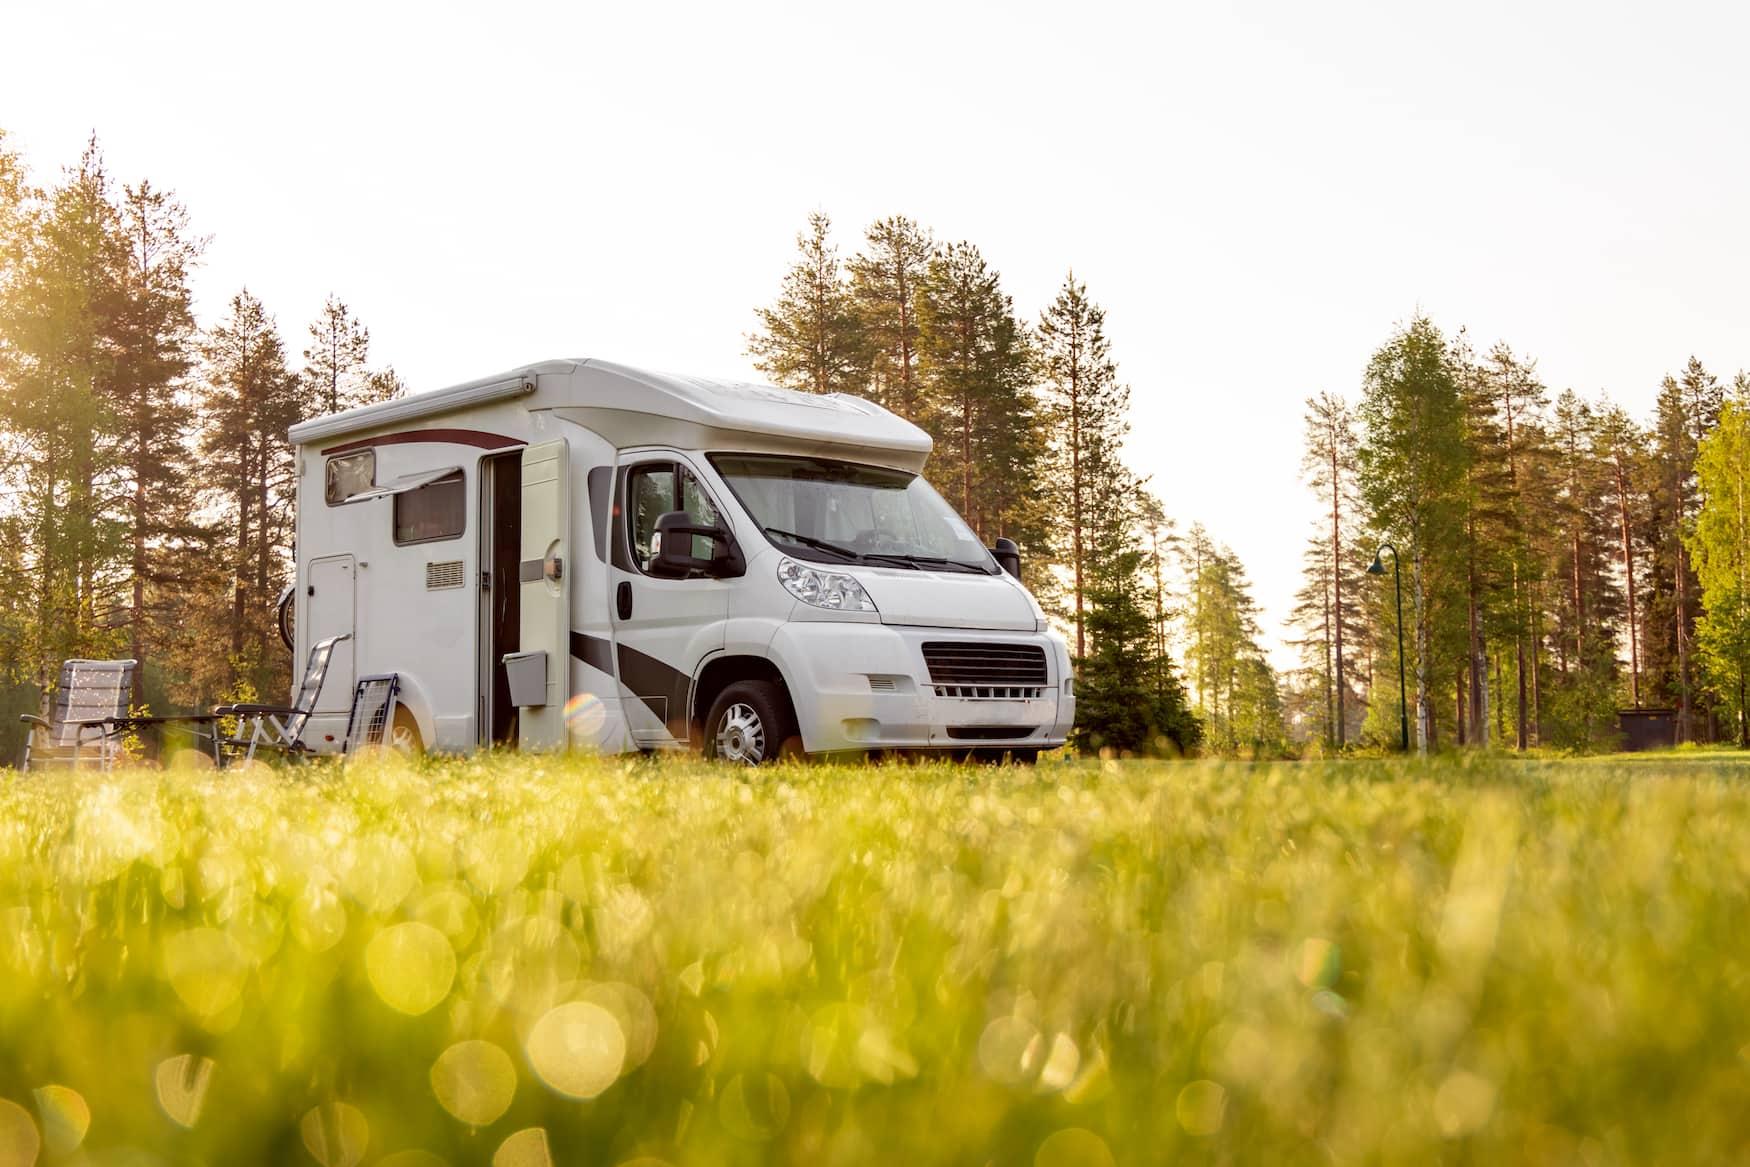 Wohnmobil auf einem Campingplatz in Deutschland